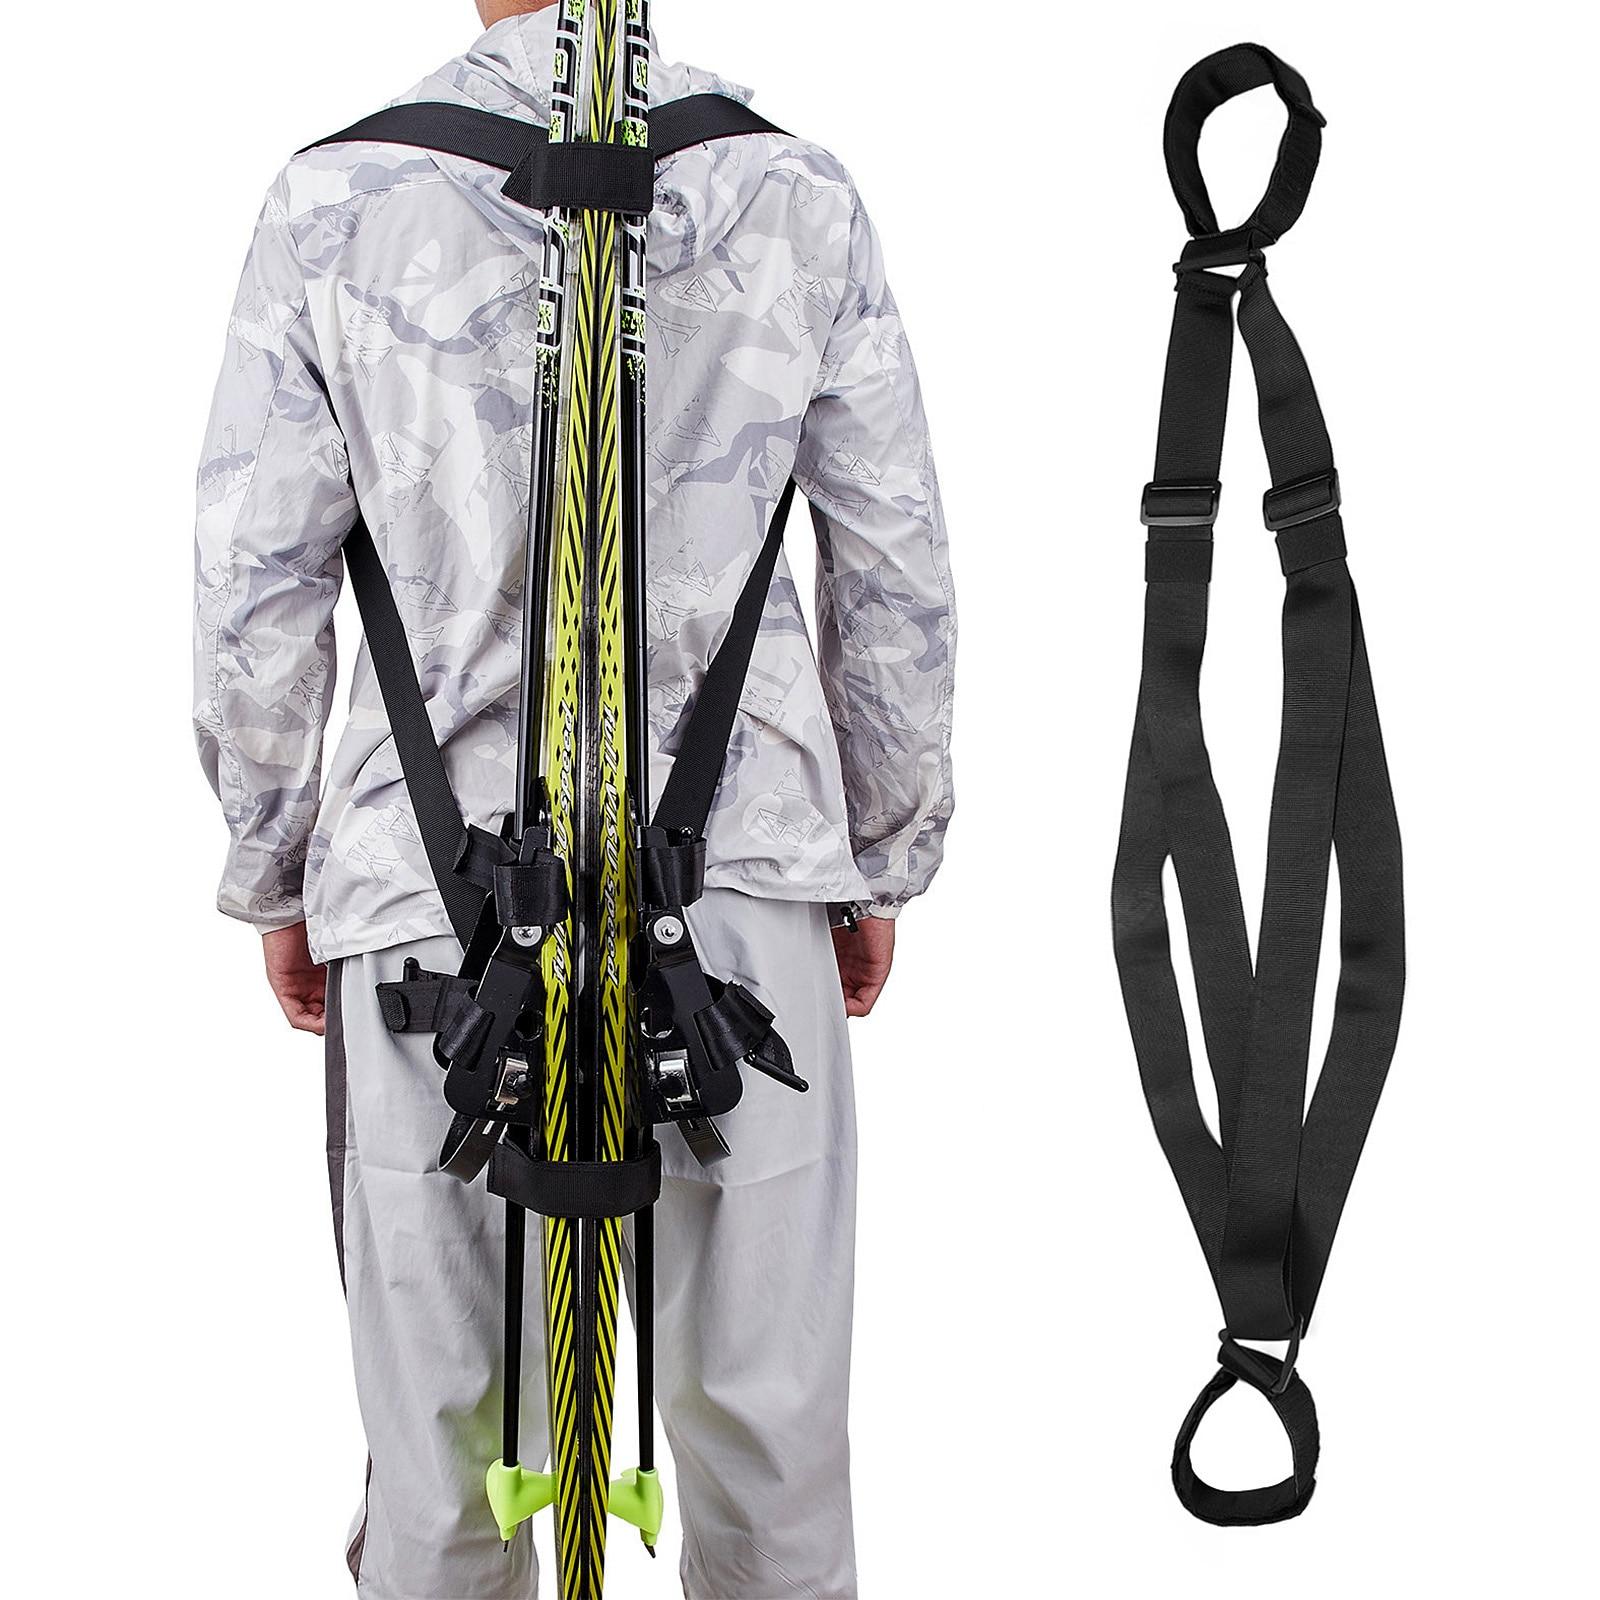 Для сноуборда аксессуары для лыж Лыжная через плечо с солнечным зарядным устройством ремня фиксированный ремень повязки ручной регулируемый, для спорта на открытом воздухе